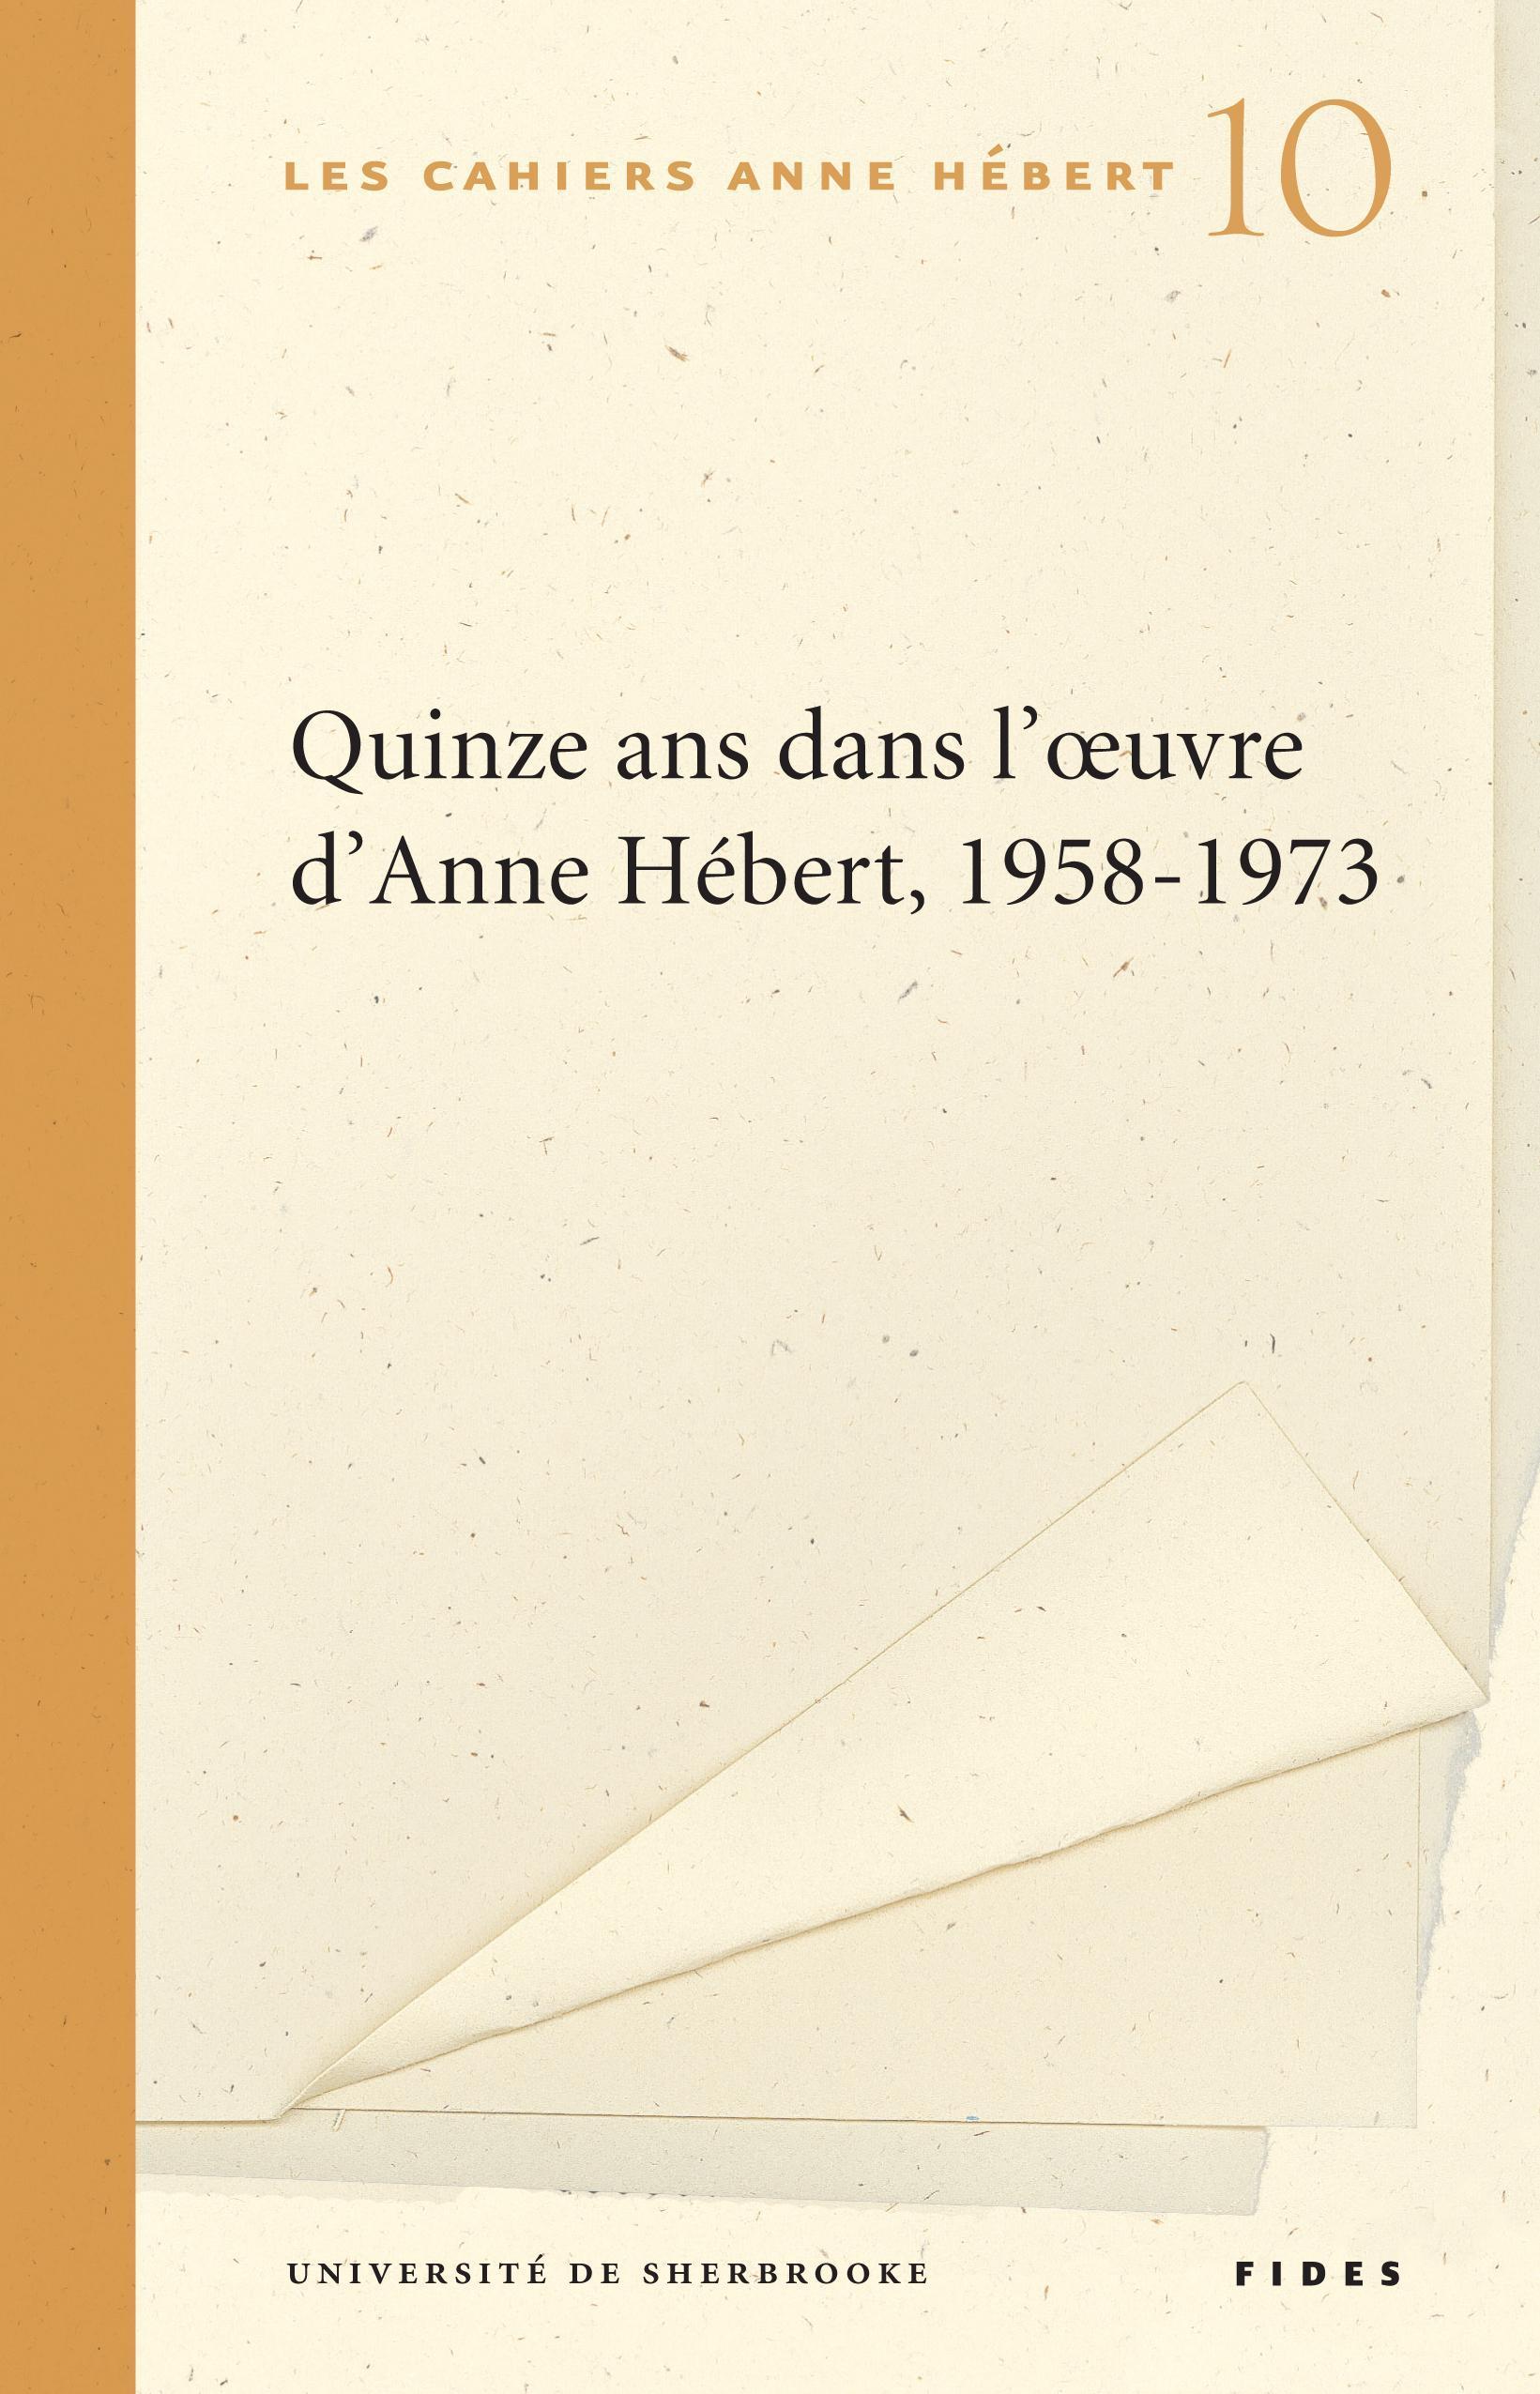 Quinze ans dans l'oeuvre d'Anne Hébert